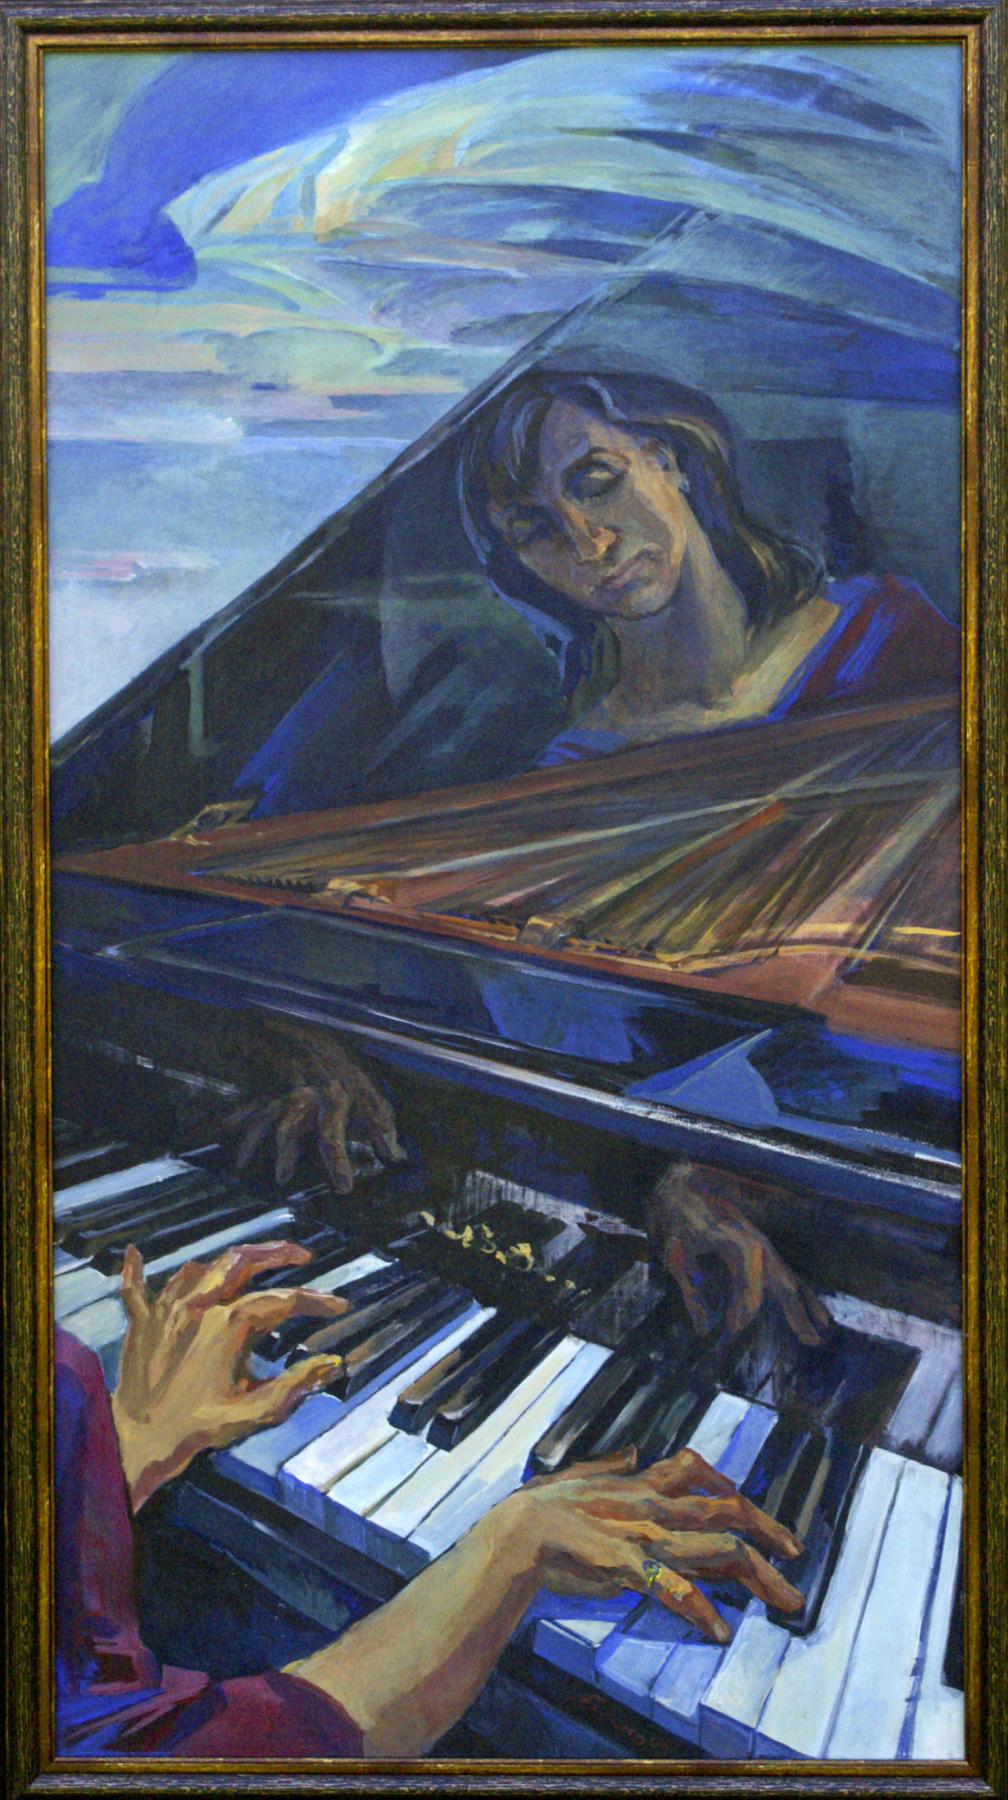 Anna Yuryevna Bosco. Pianist